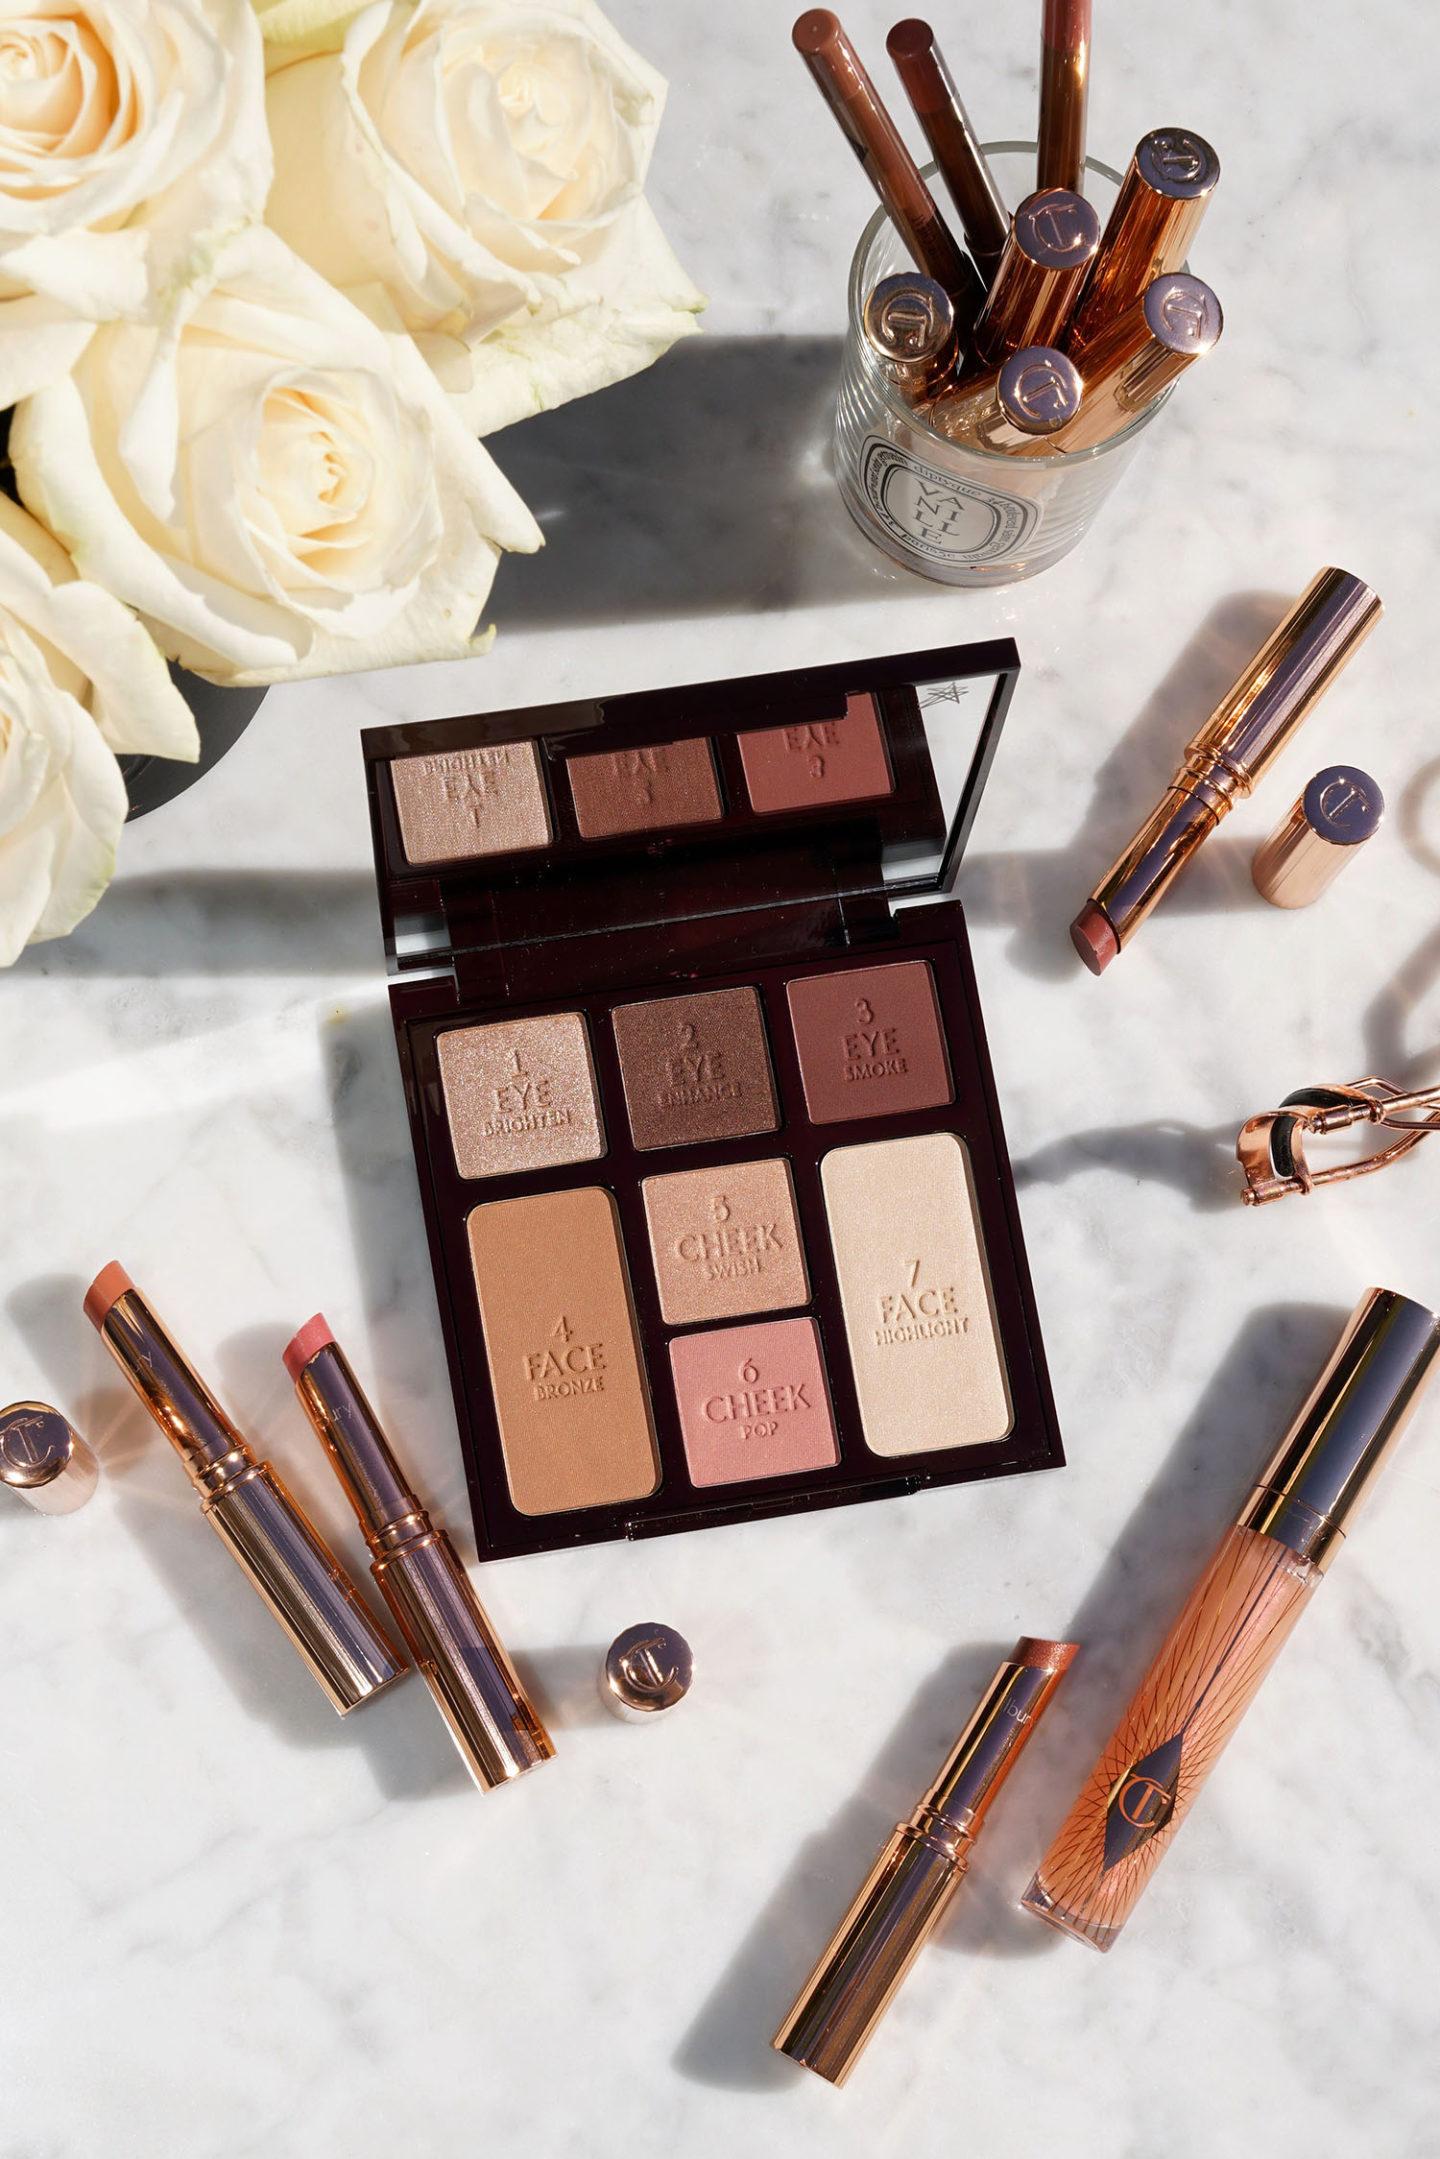 Charlotte Tilbury - Palette de beauté éclatante et magnifique - Nouvelles lèvres de la superstar